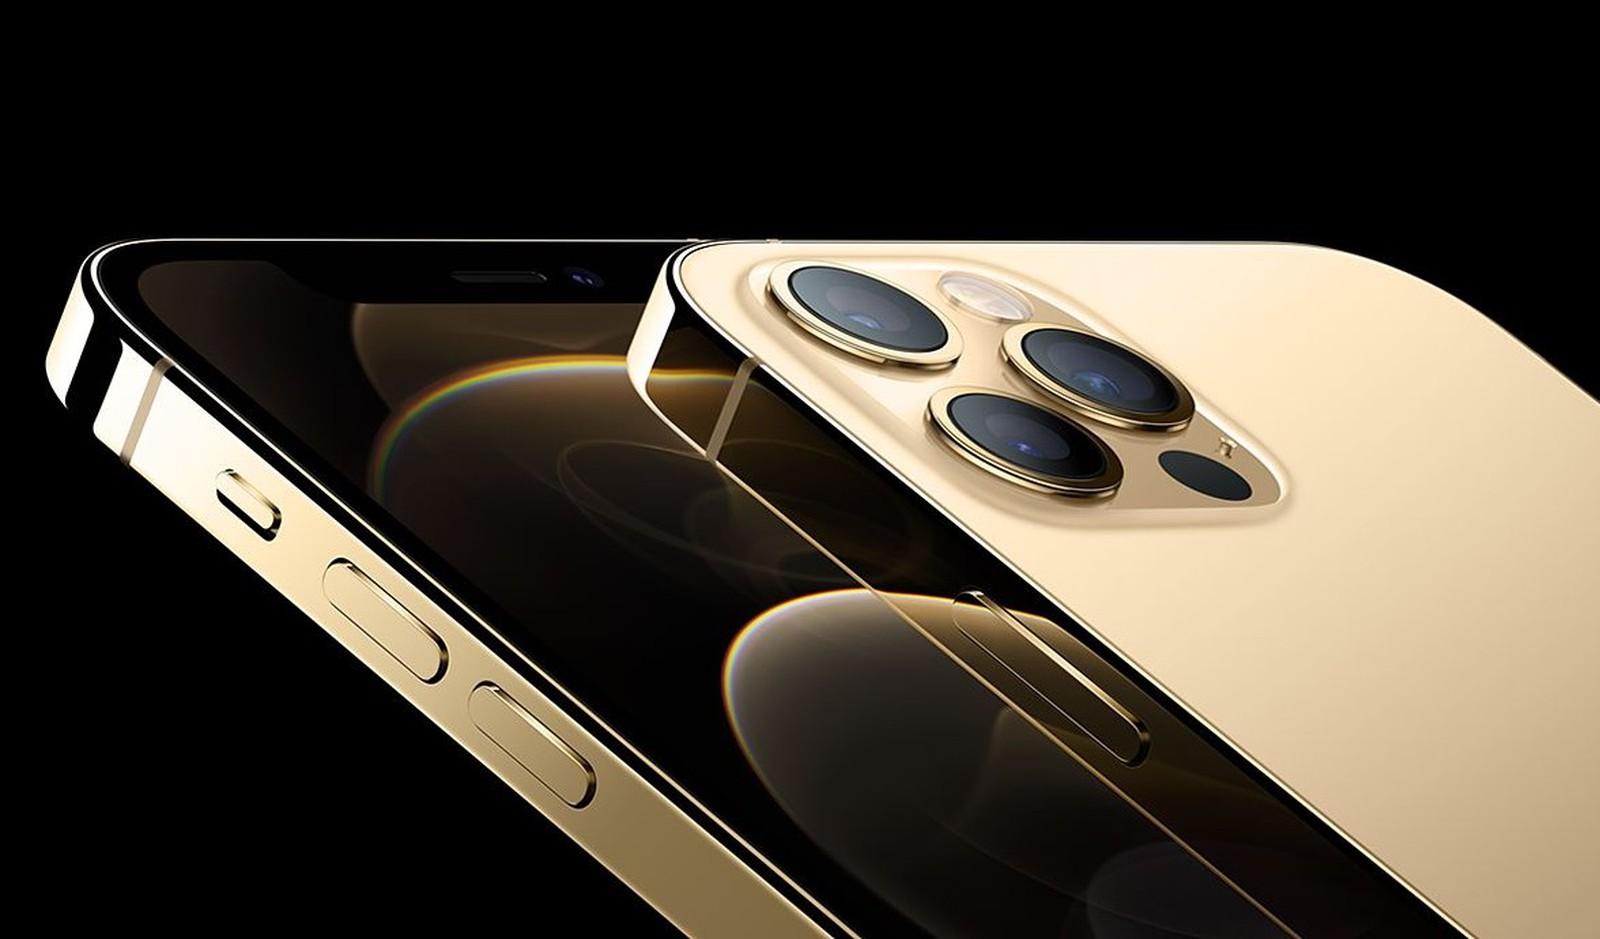 苹果 iPhone 14 Pro 高端机型有望采用钛合金背壳